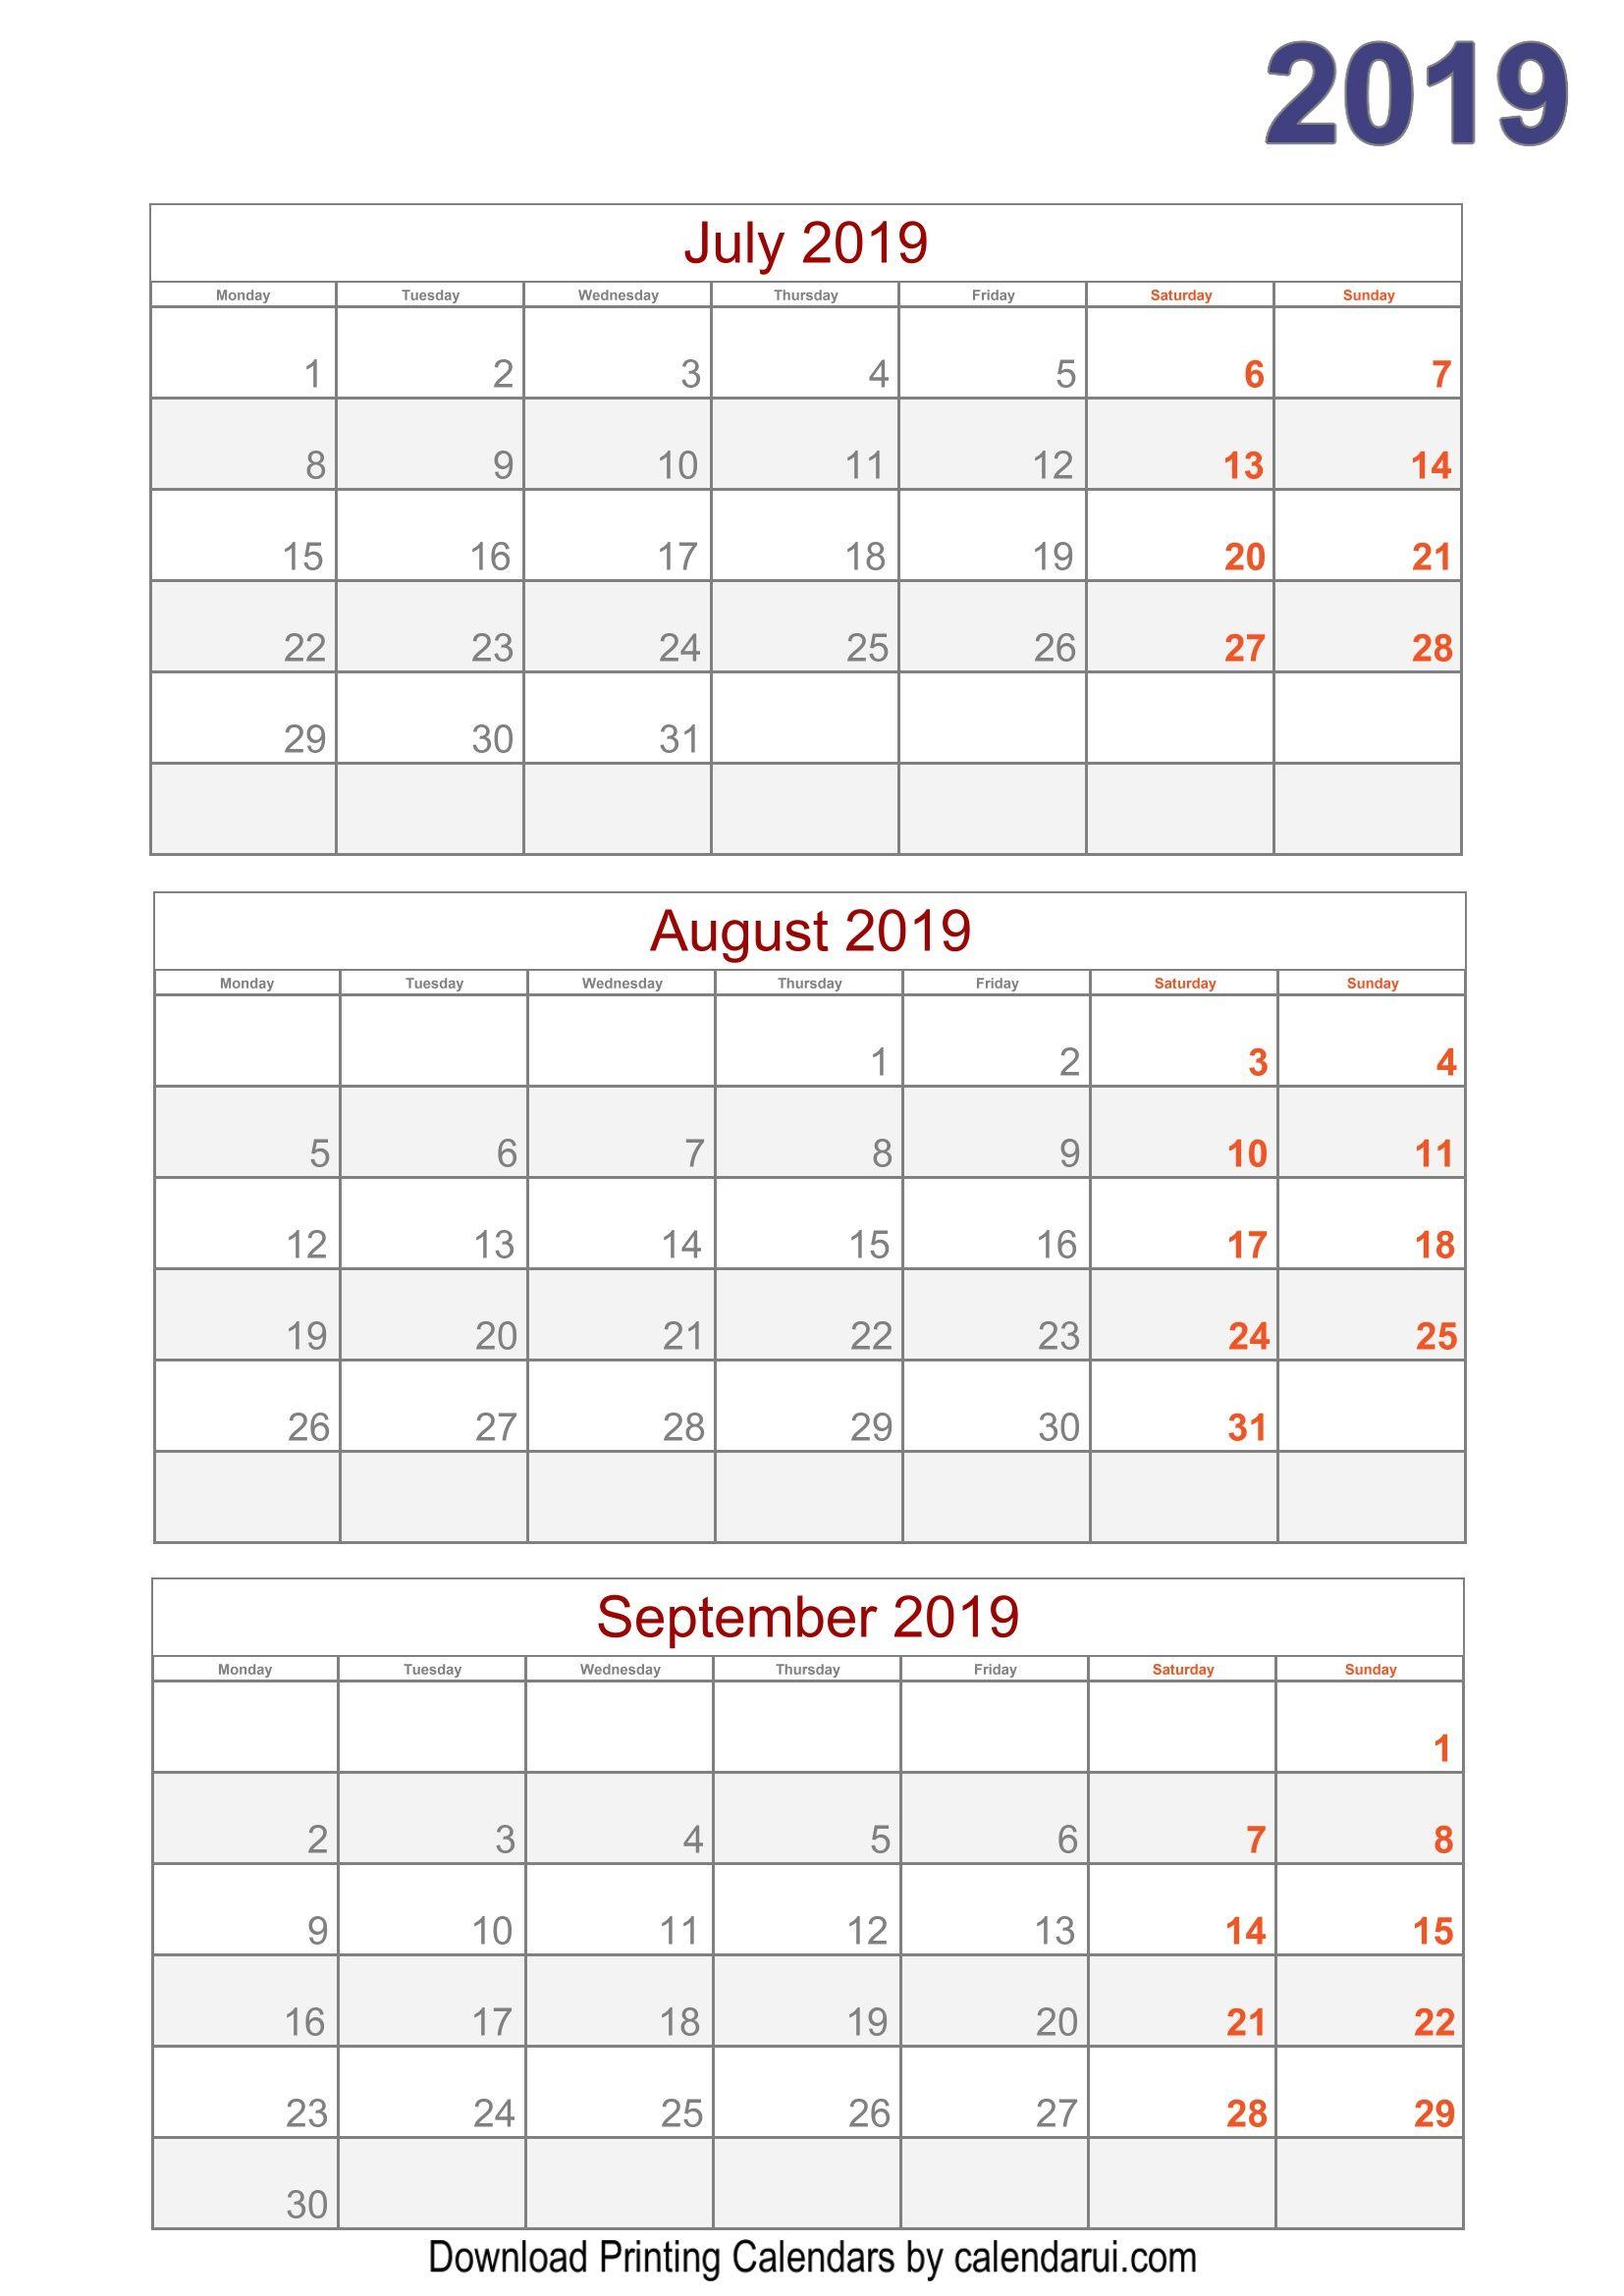 Download 2019 Quarterly Calendar Printable For Free throughout Quarterly Calendar Template